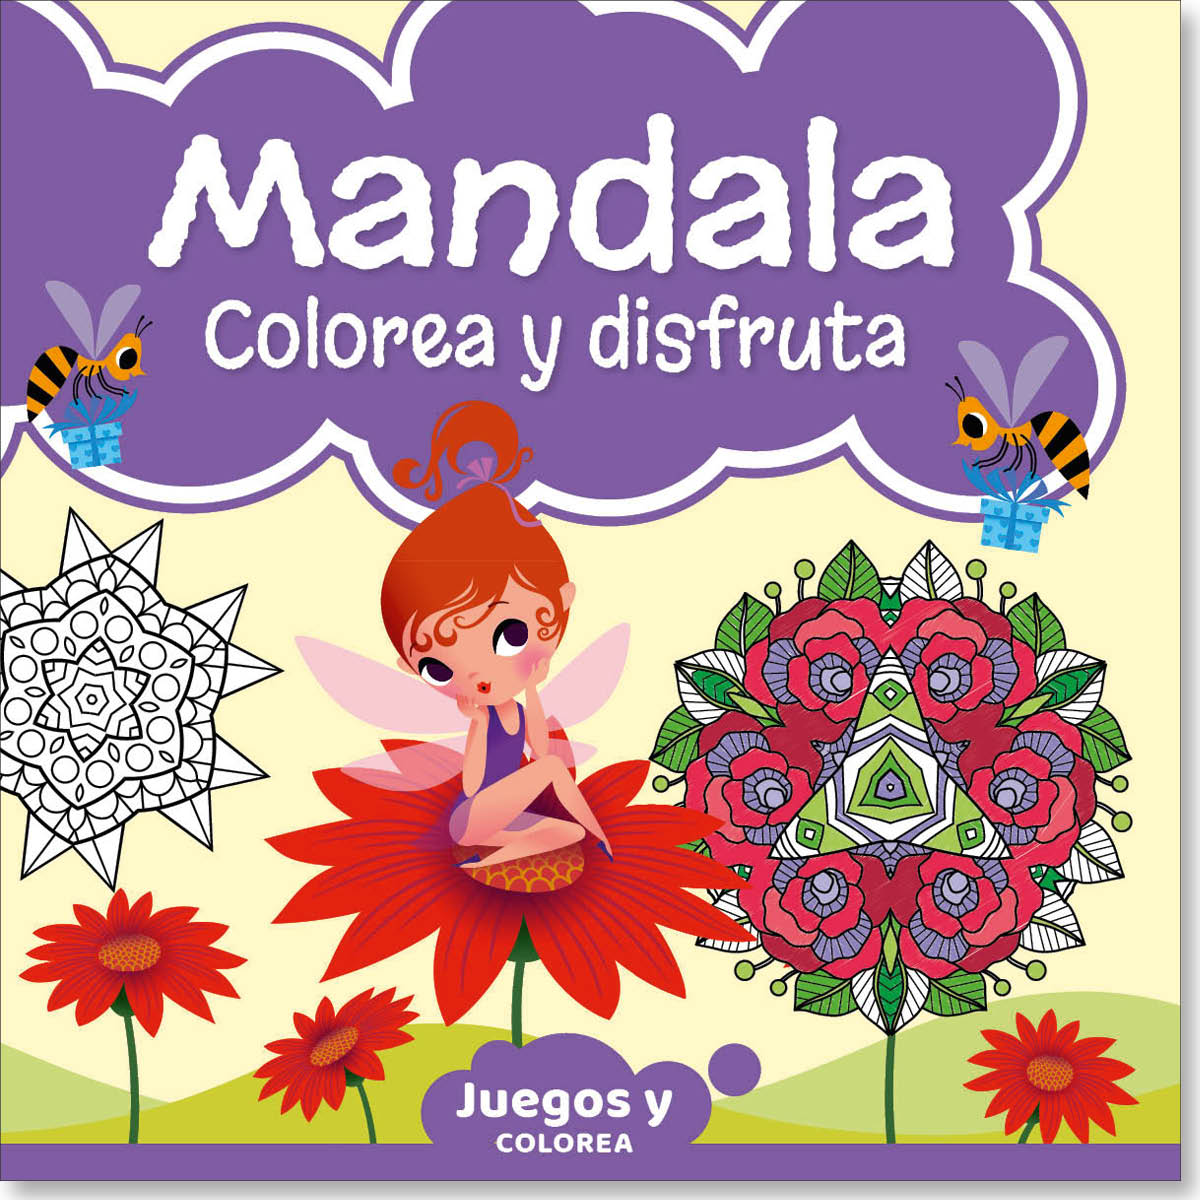 Mandala Colorea y Disfruta vol1